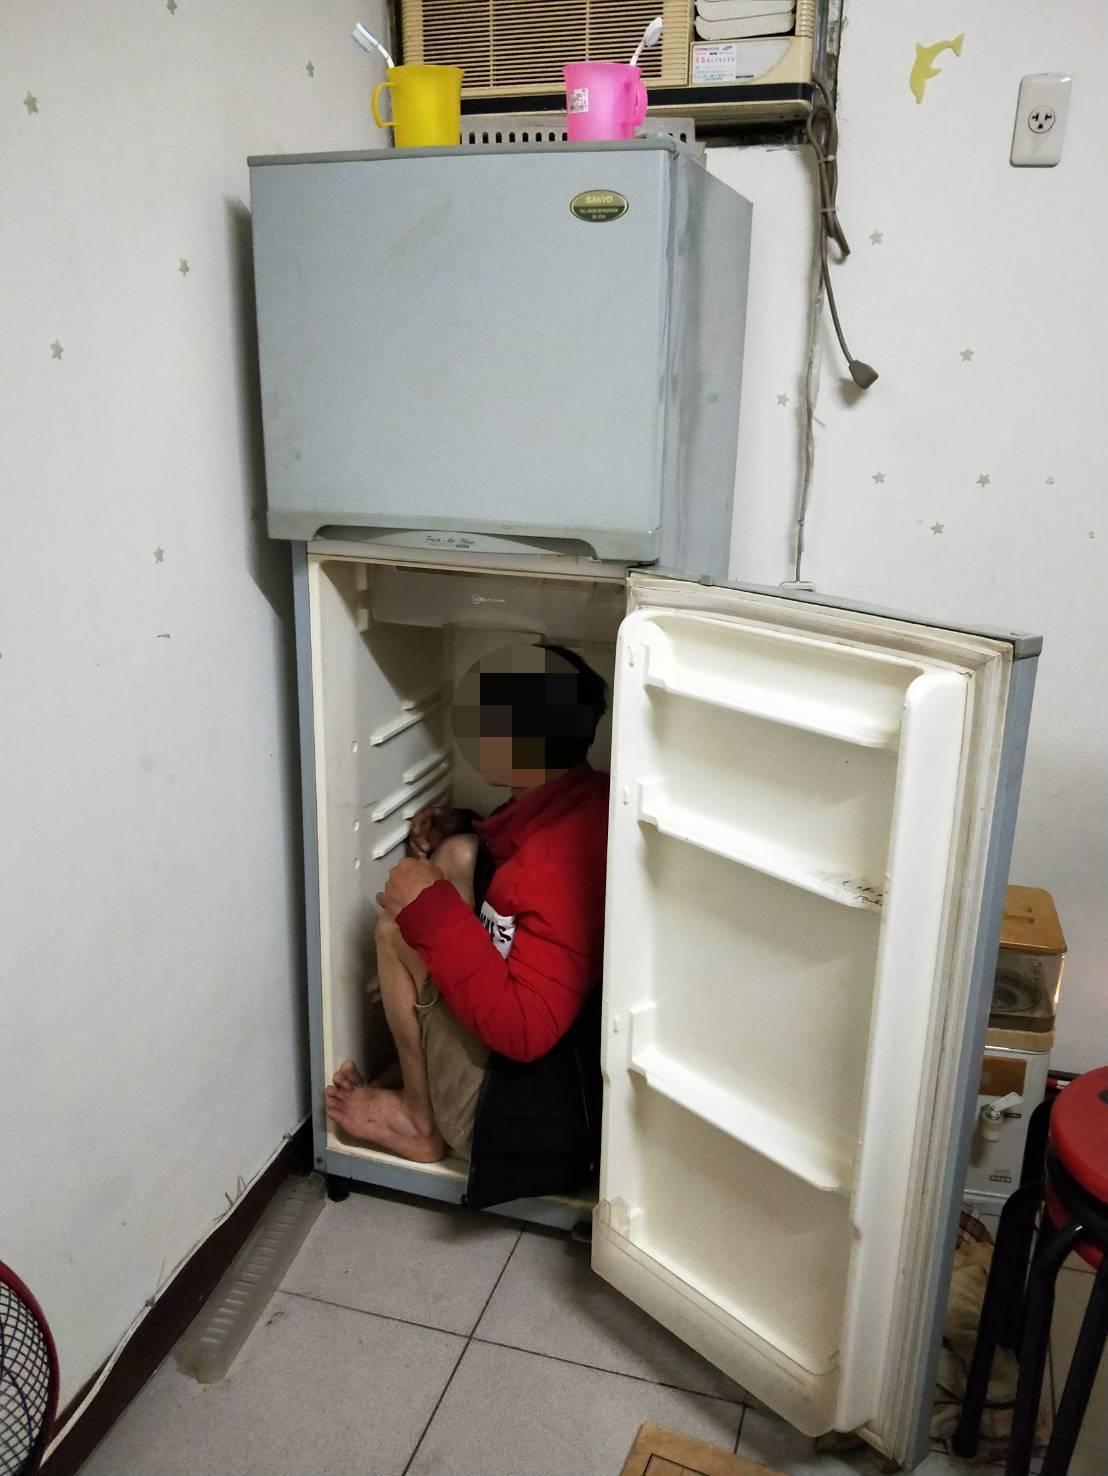 綽號叫阿達的移工因身形瘦小躲在冰箱裡,以為可以躲避追查,還是被警方逮捕。(警方提供)